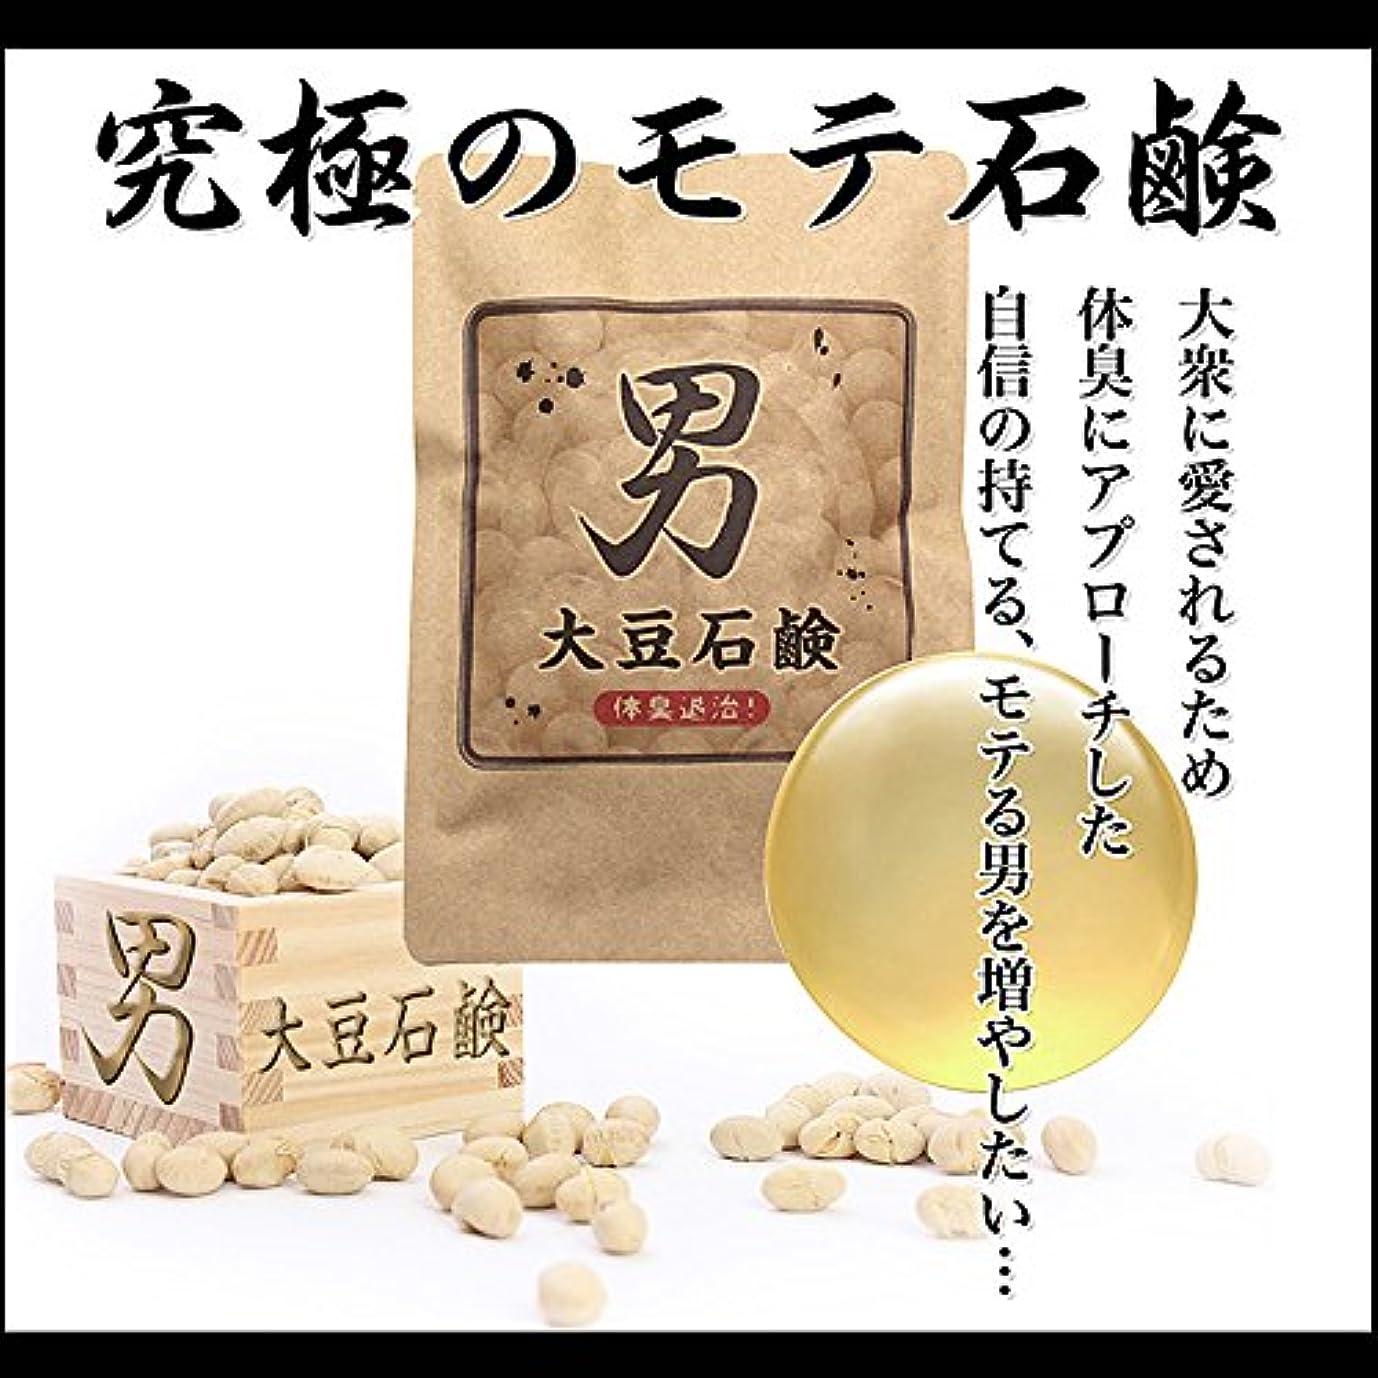 有効化月曜車男大豆石鹸(セリュードボーテ ピュアソープ)